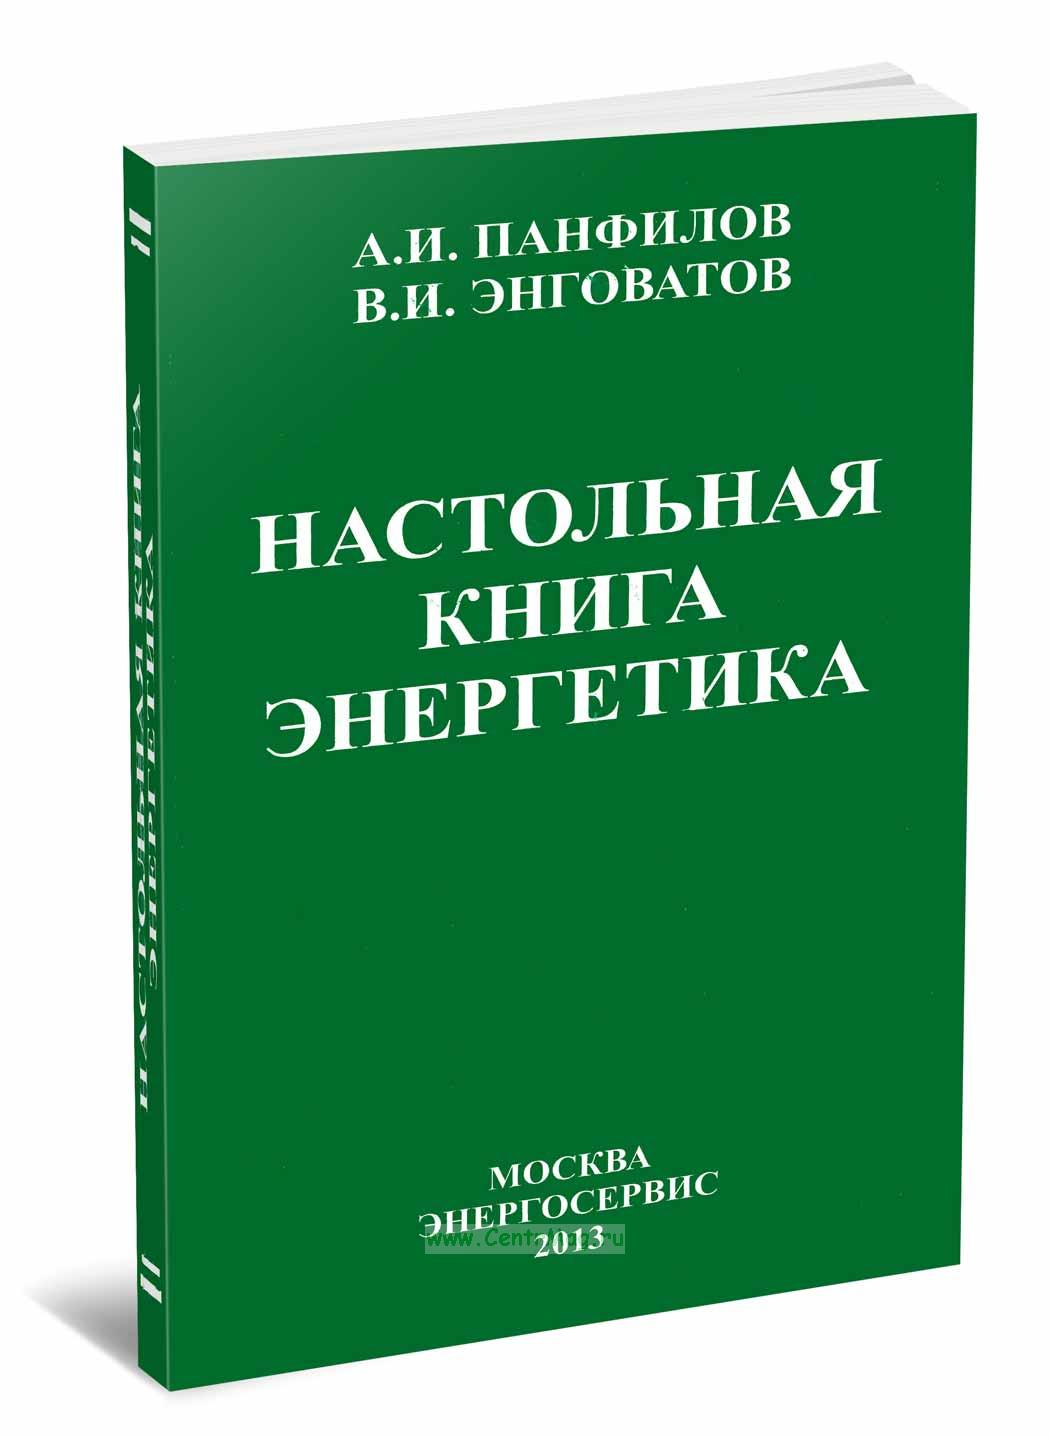 Настольная книга энергетика. (Производственно-практическое пособие в вопросах и ответах для потребителей электрической и тепловой энергии)